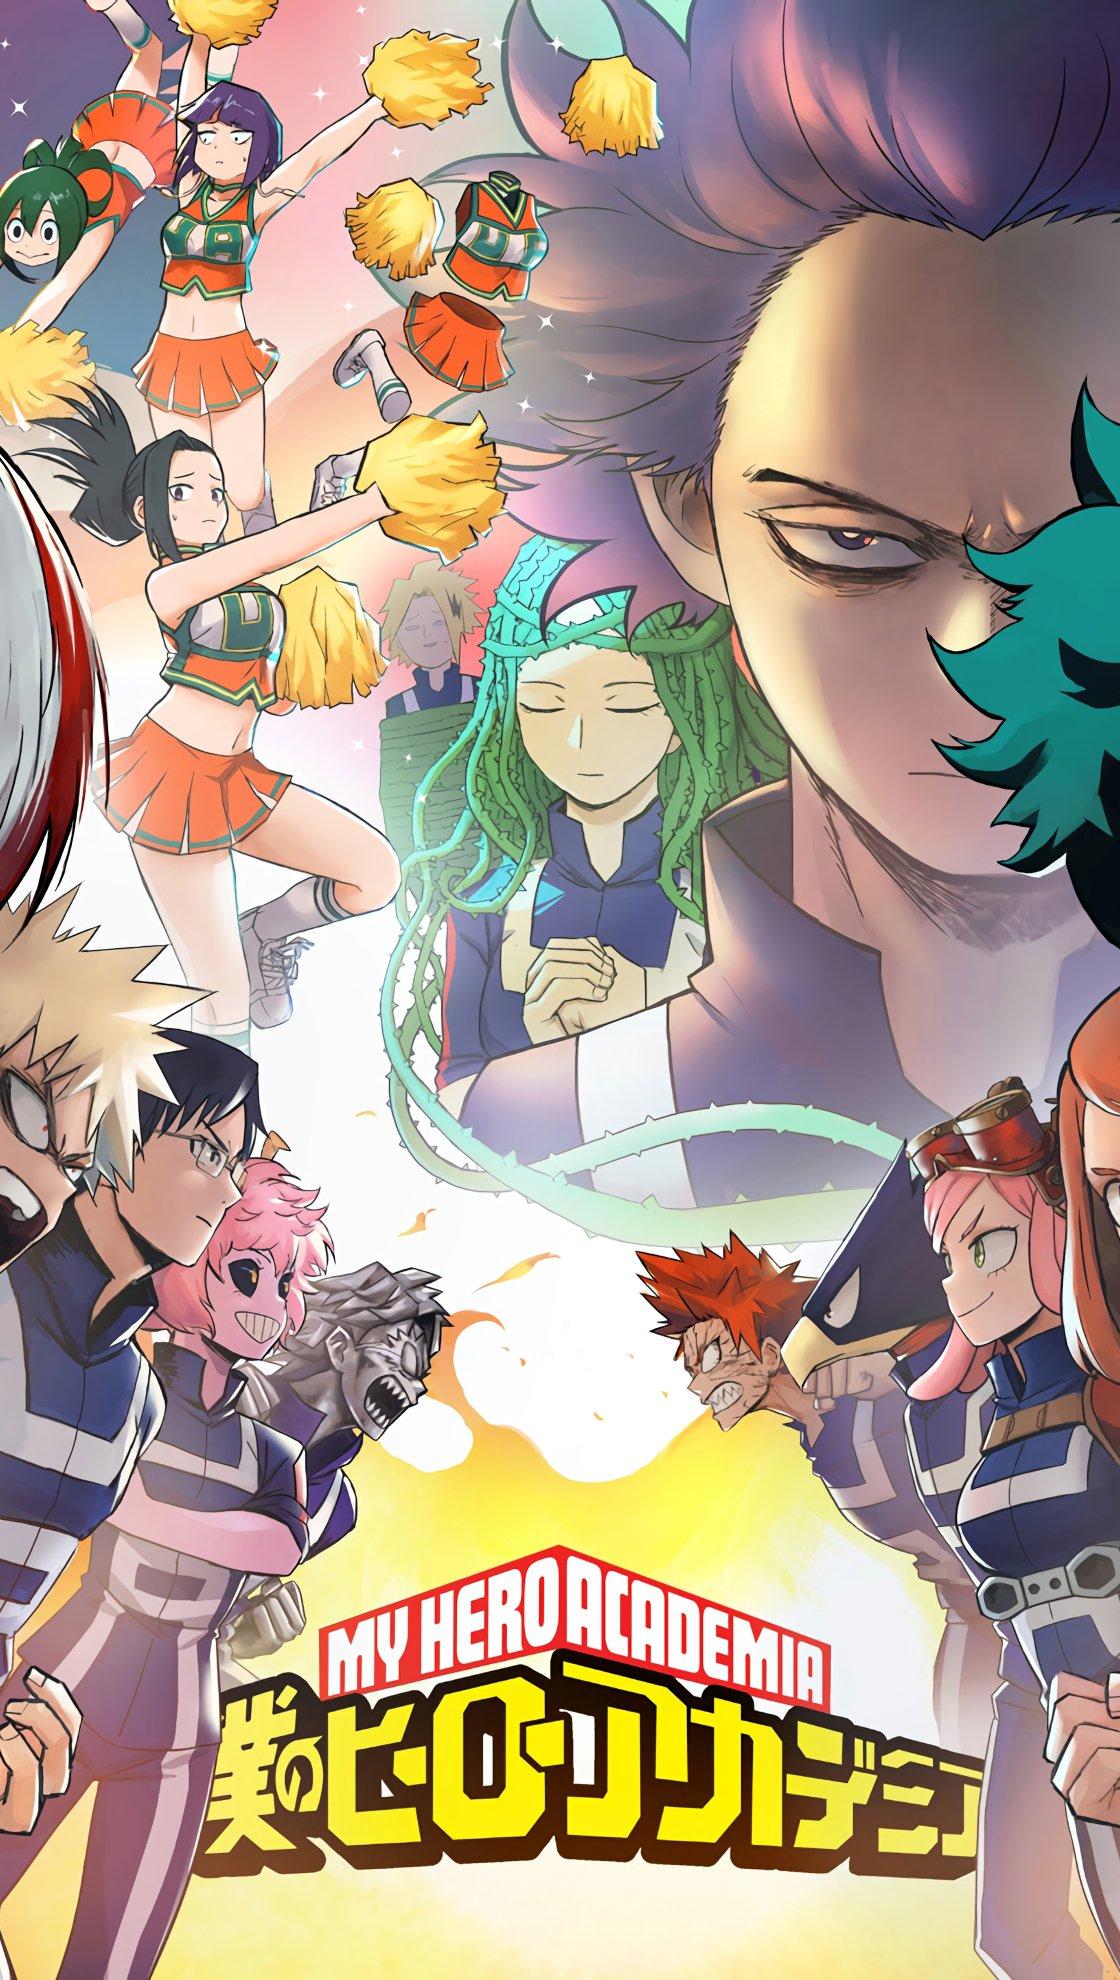 Anime Wallpaper My Hero Academia, Boku no Hero Academia Vertical